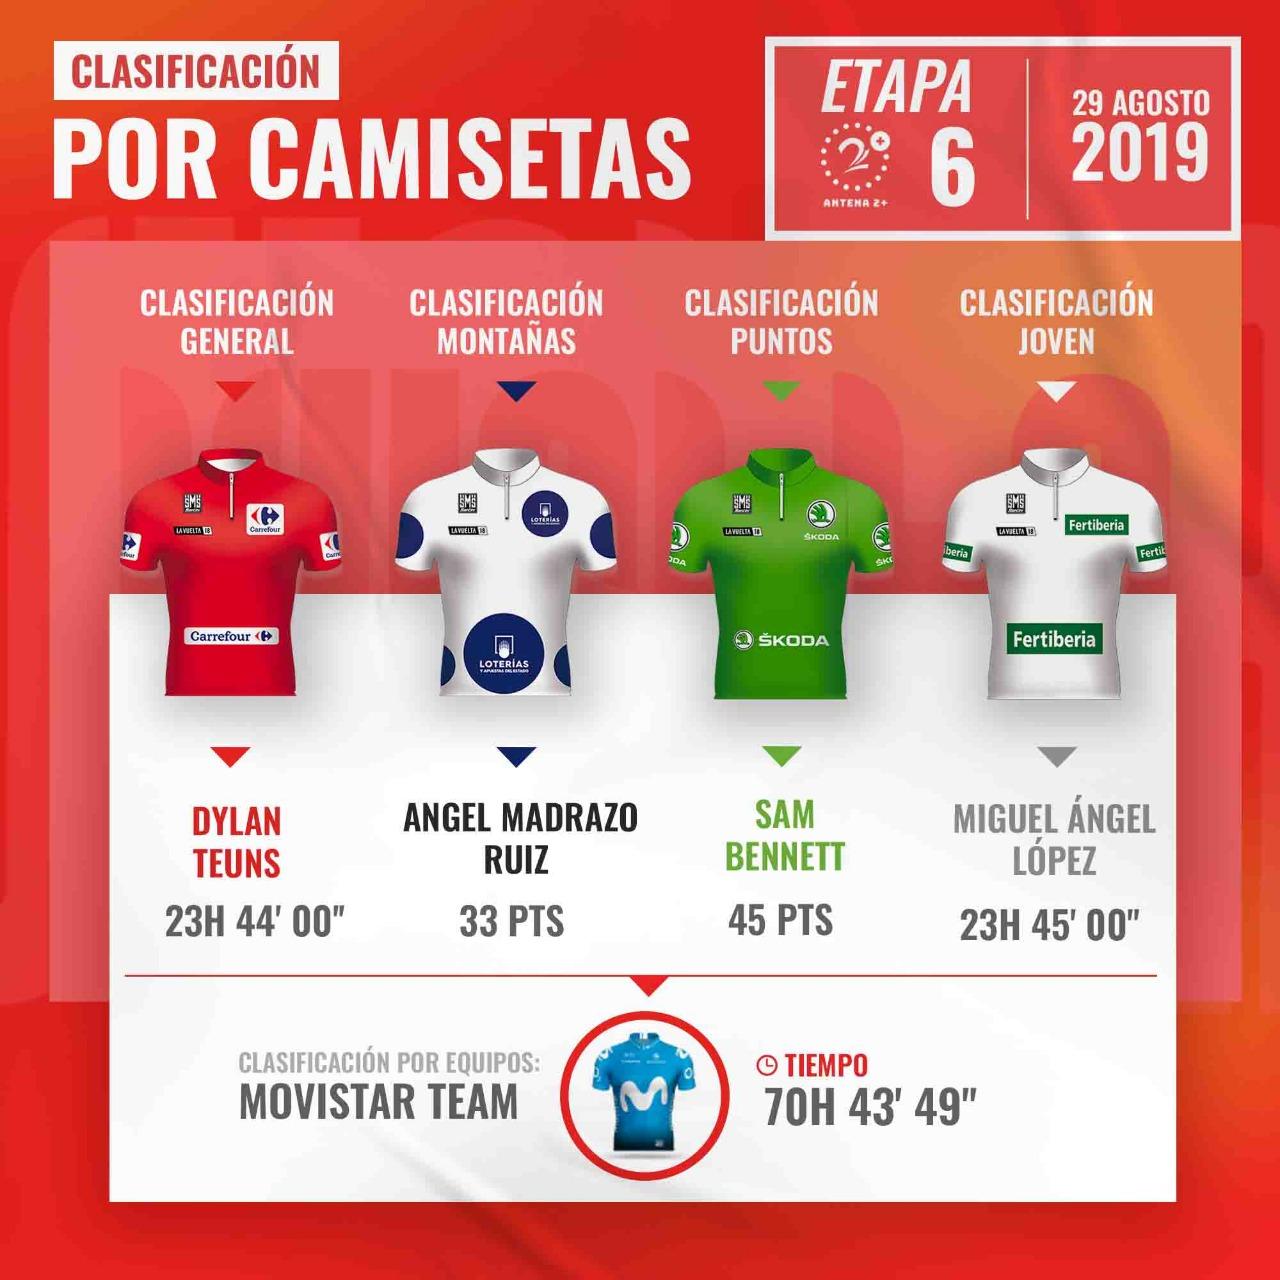 Etapa 6, líderes, Vuelta a España